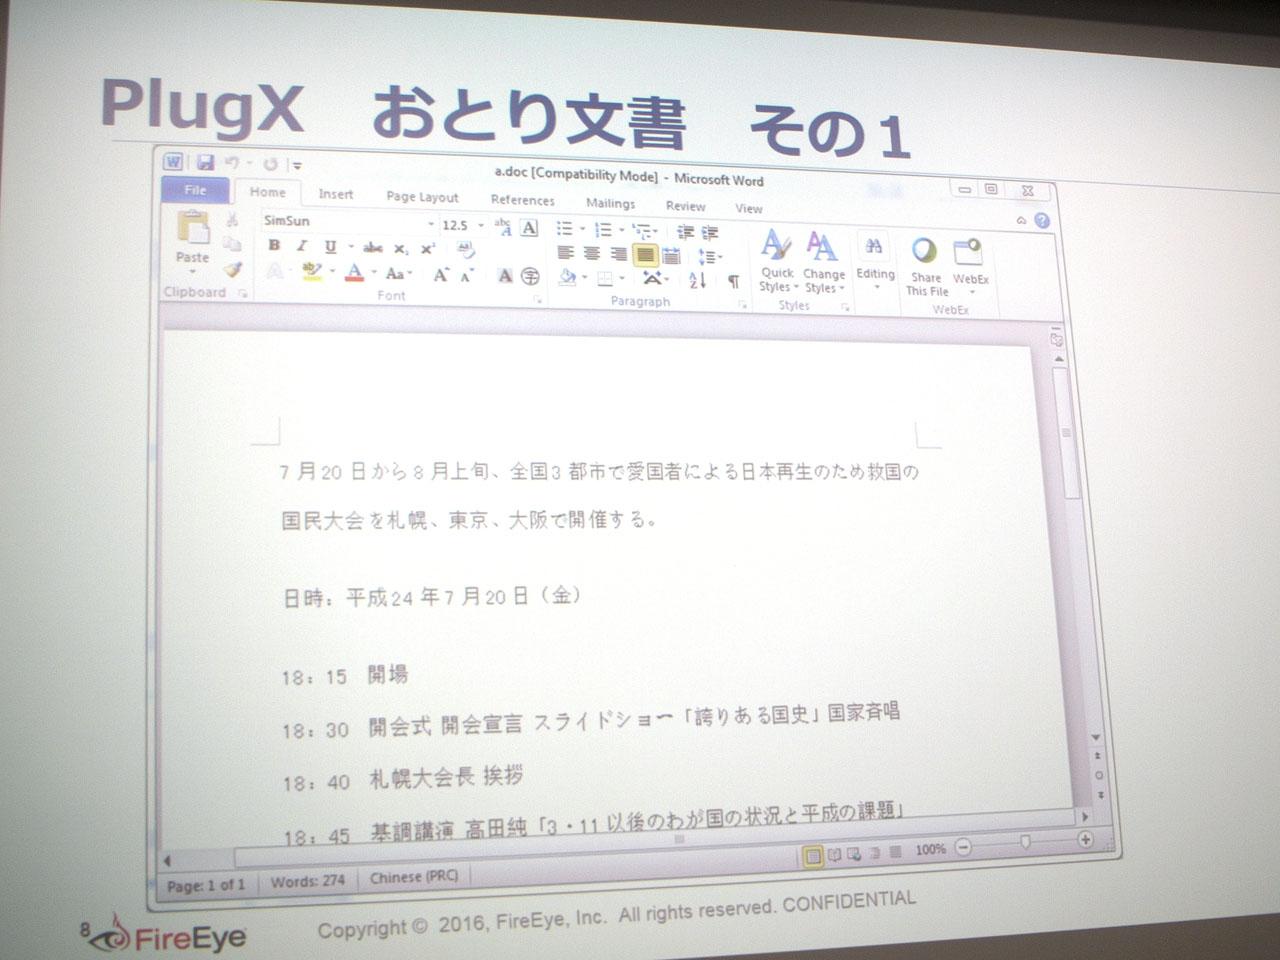 文書には中国語の「SimSun」フォントが使用されていた